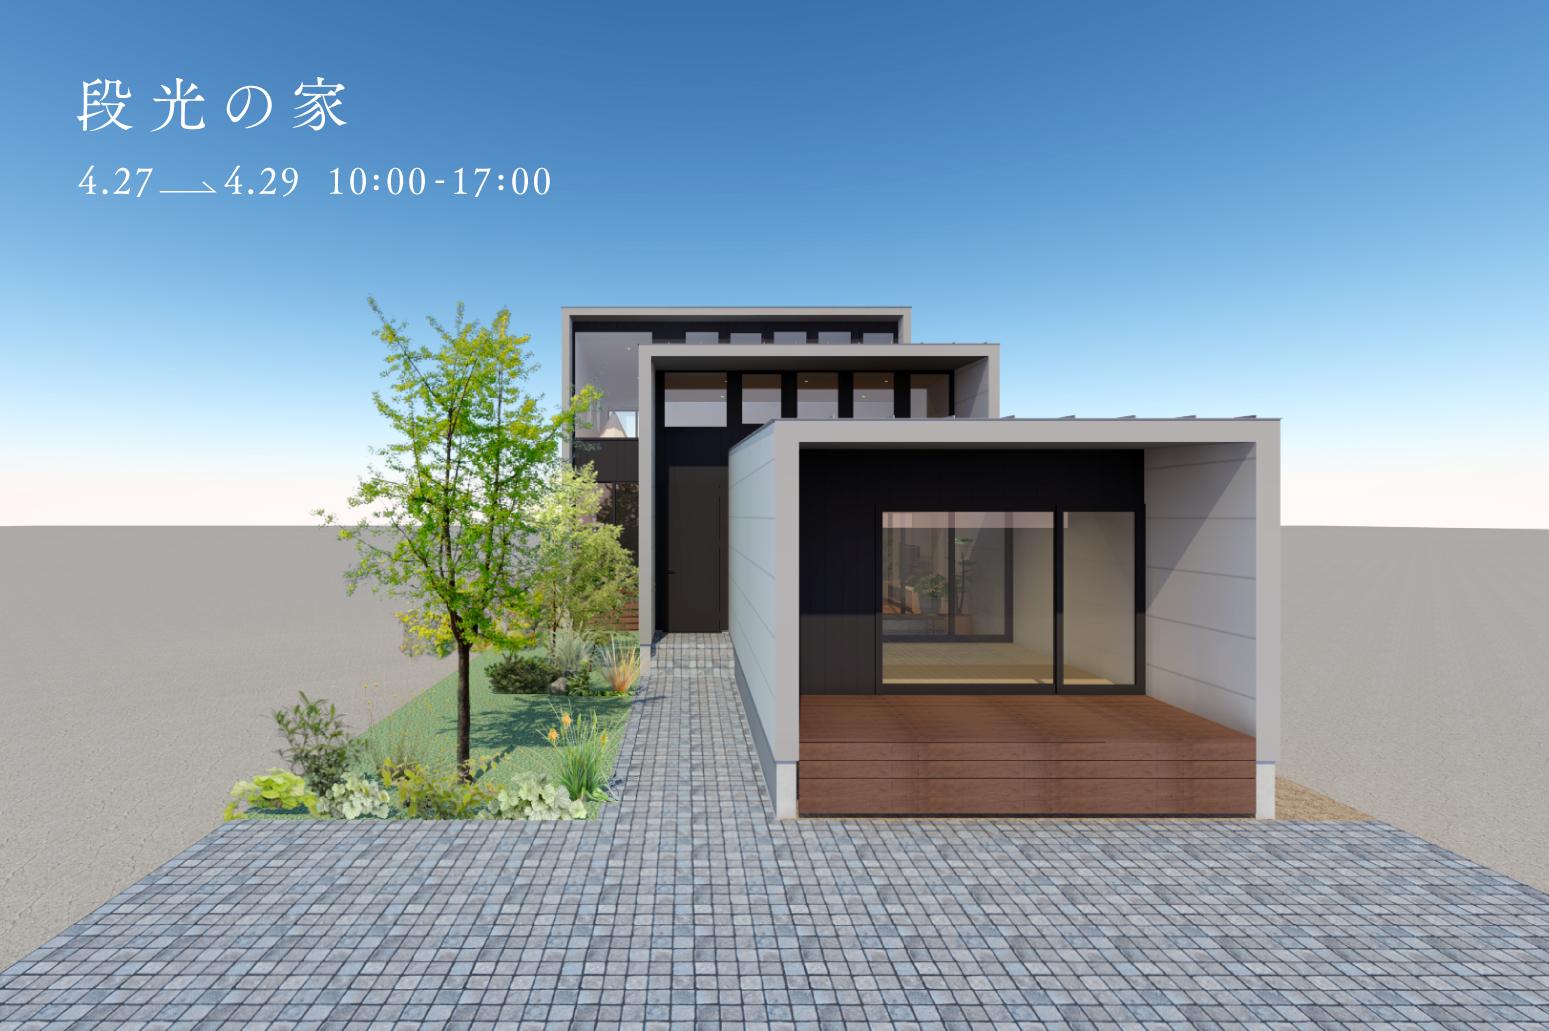 燕市仲町、形状を段々にすることで細長い敷地でも奥まで自然光を確保した家。